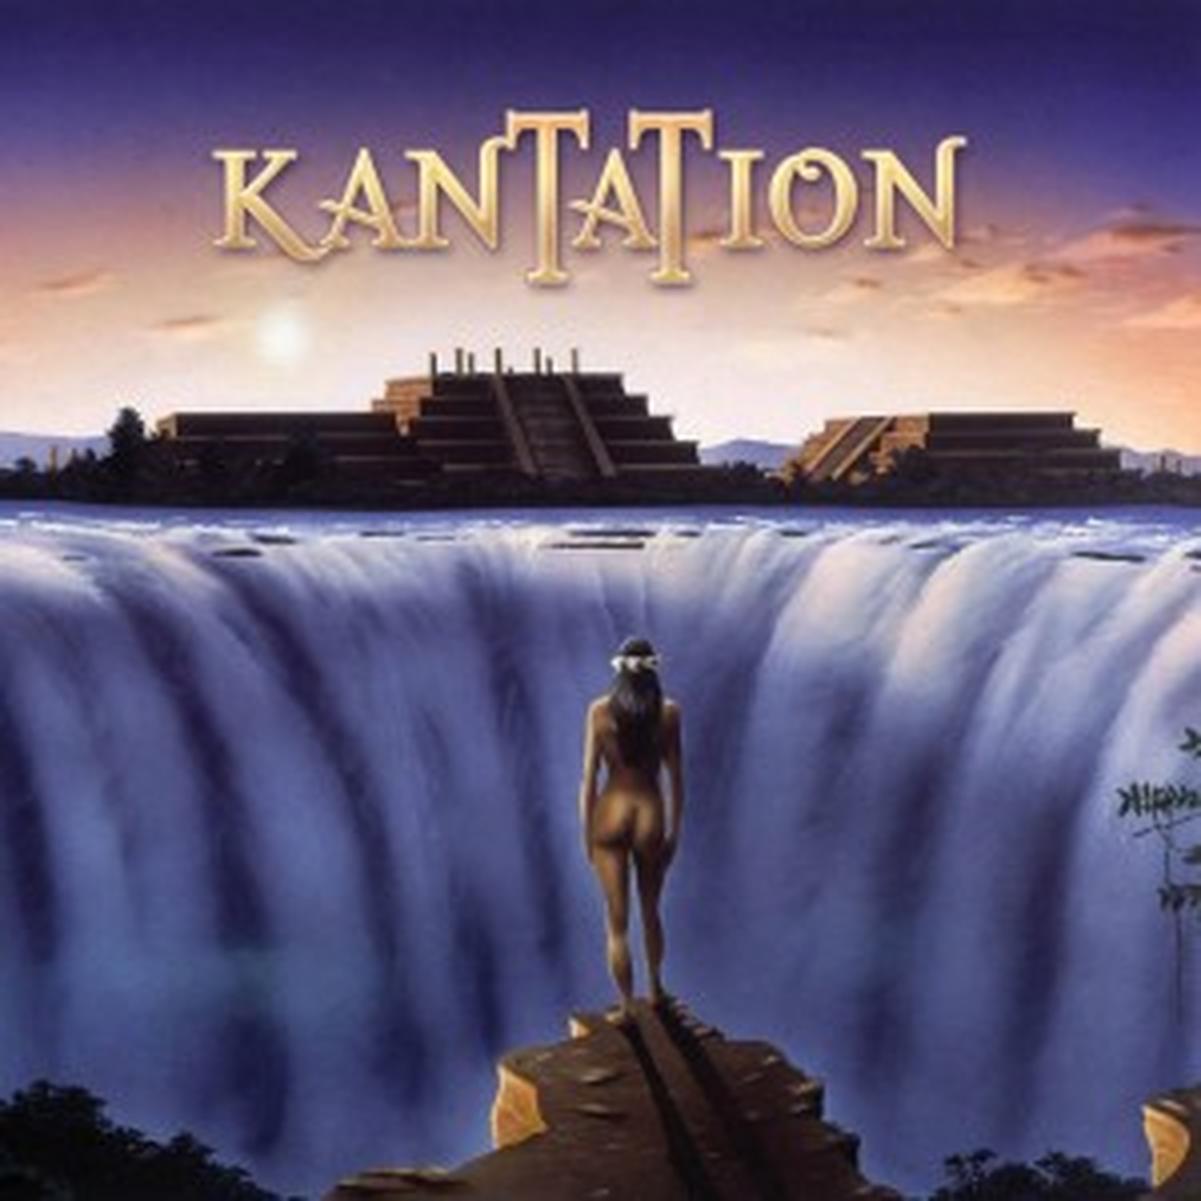 Kantation